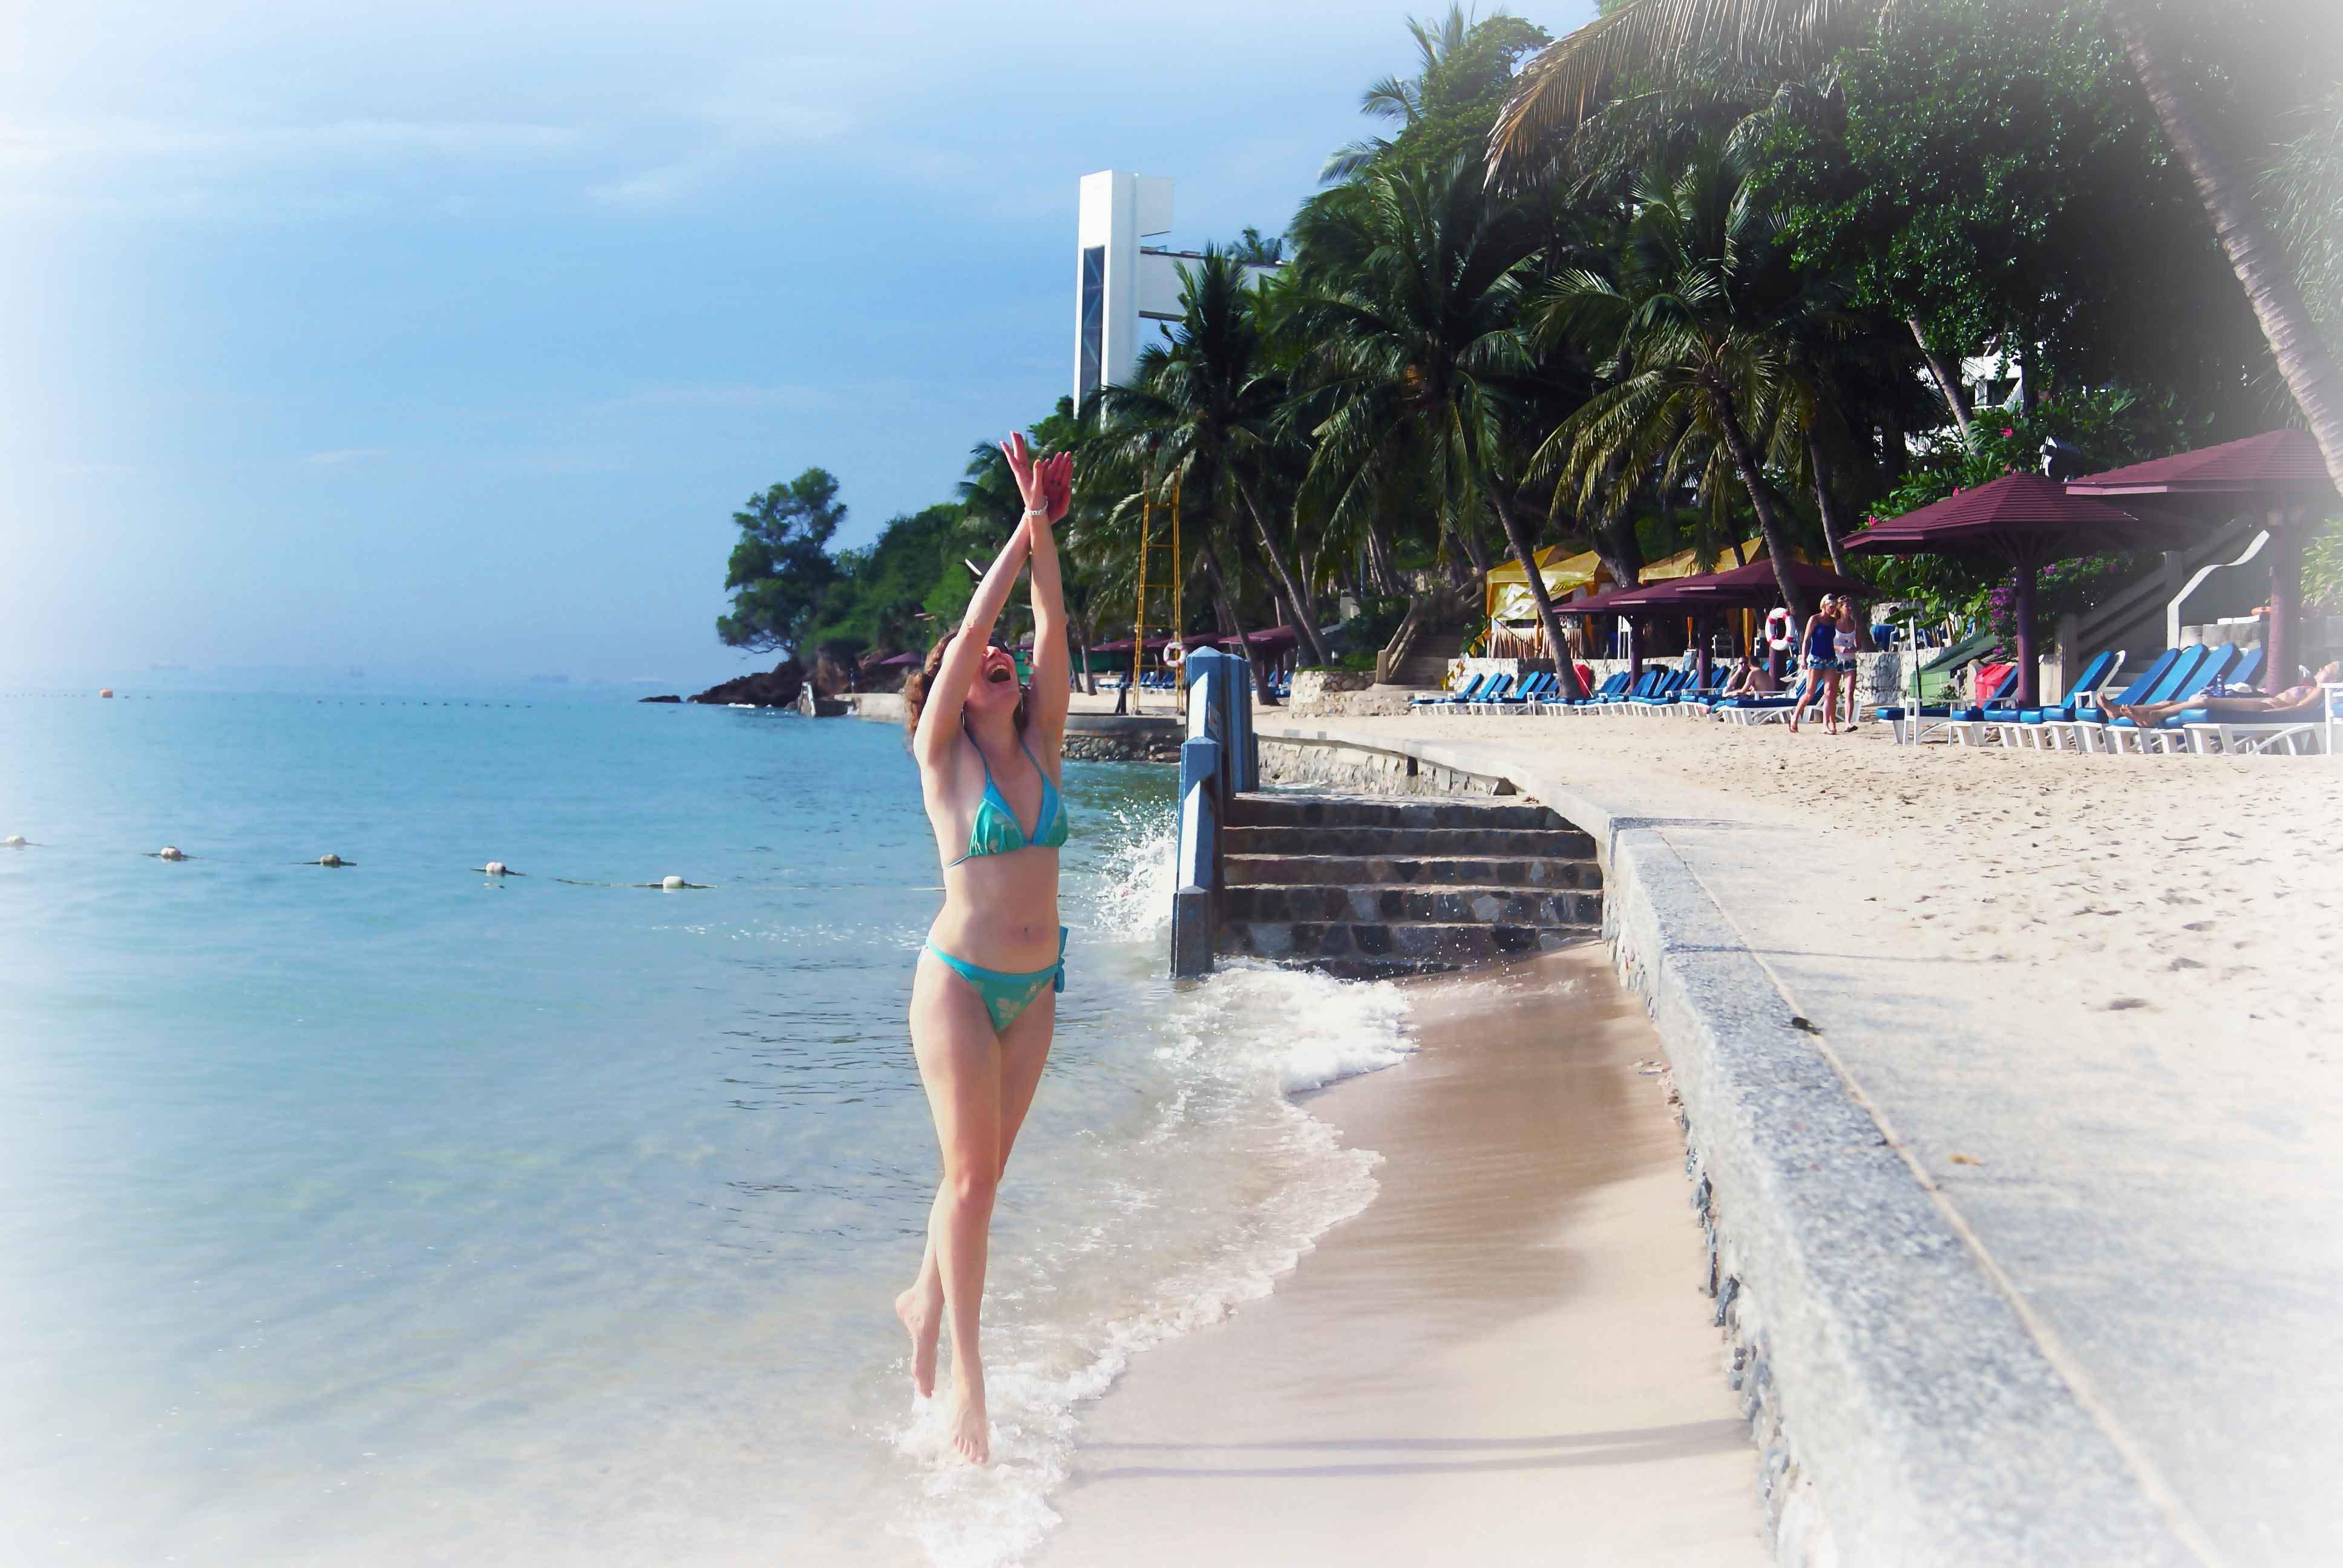 сегодня поздравляем отдых в тайланде паттайя фото пляж это чиновник